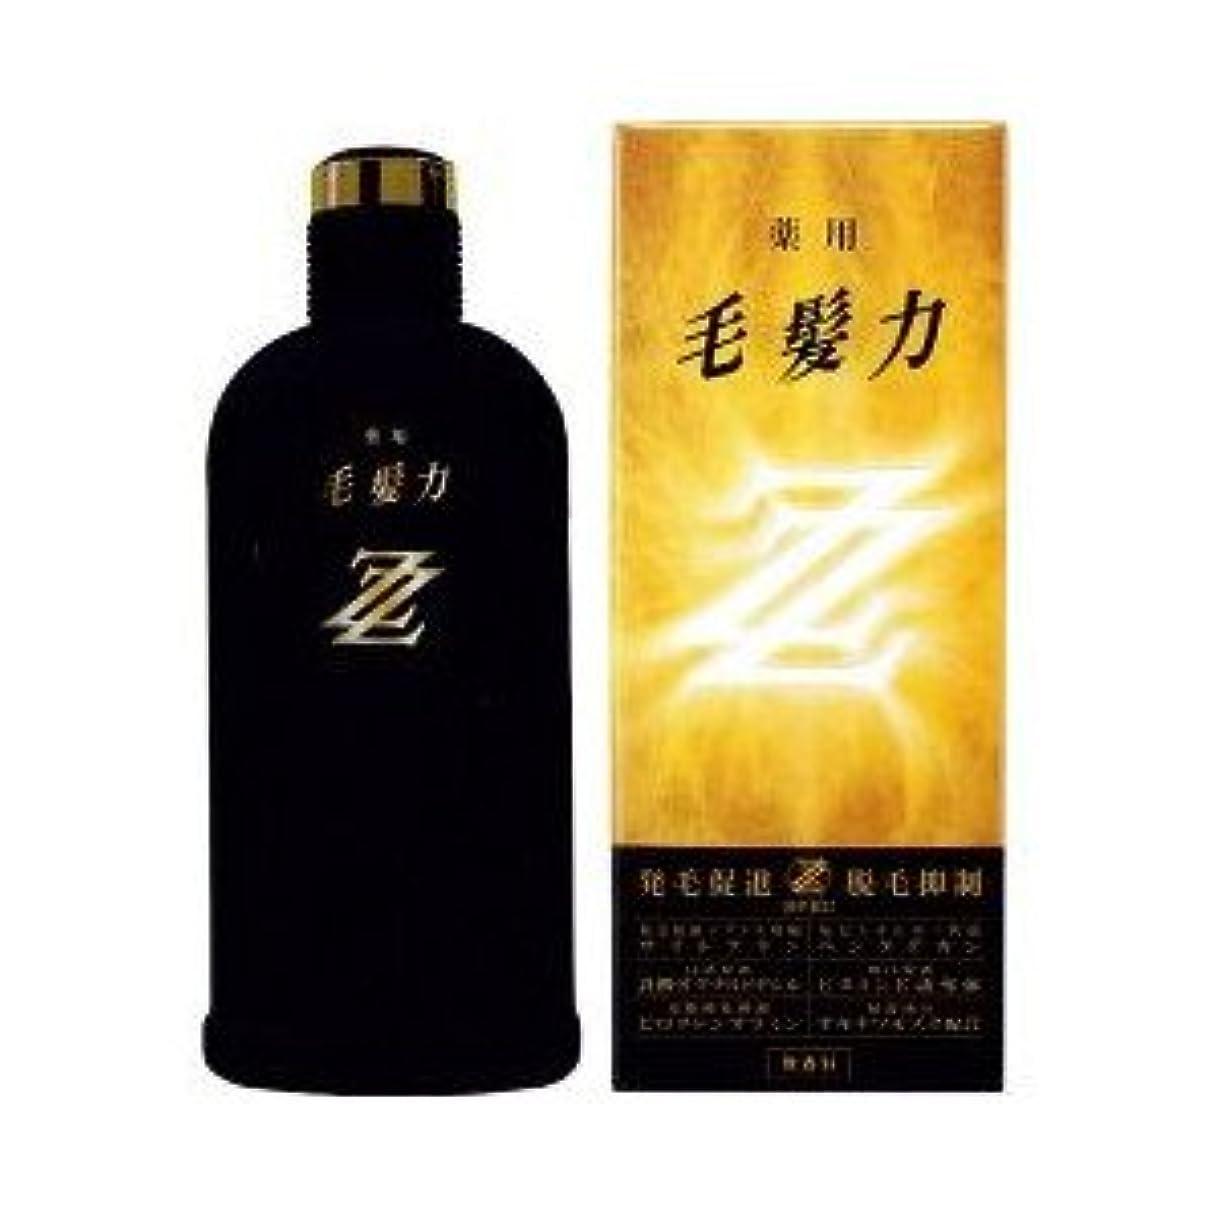 ライオン 薬用毛髪力ZZ 無香料 200ML